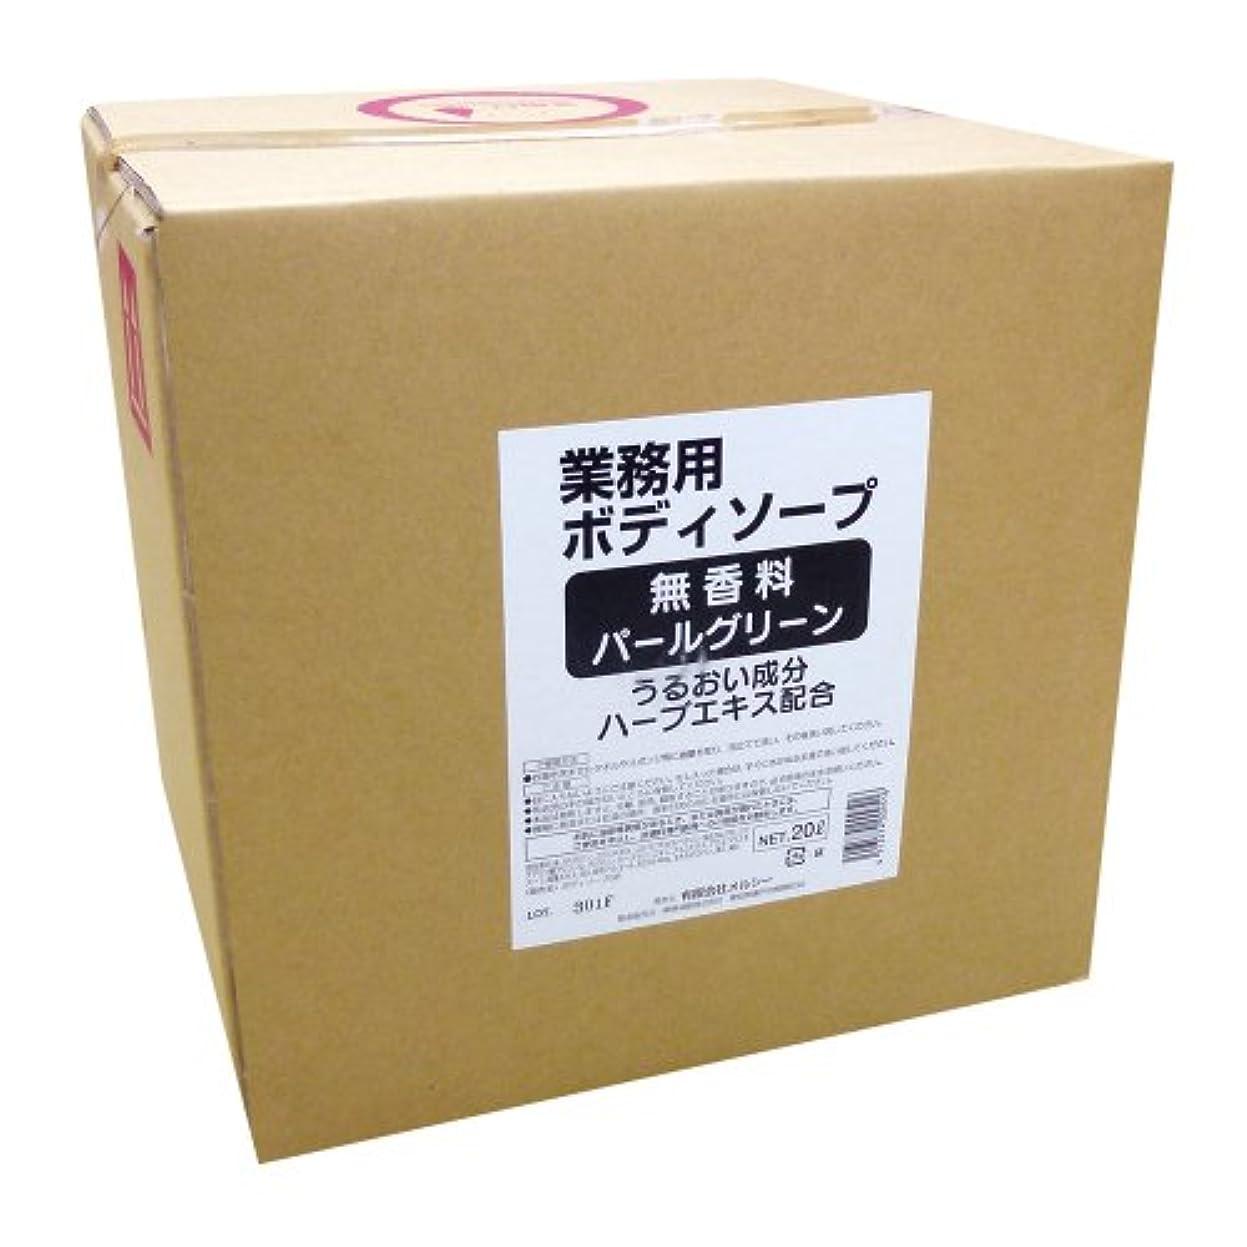 記事植物学者あいにく【業務用】 無香料 ボディソープ 20L